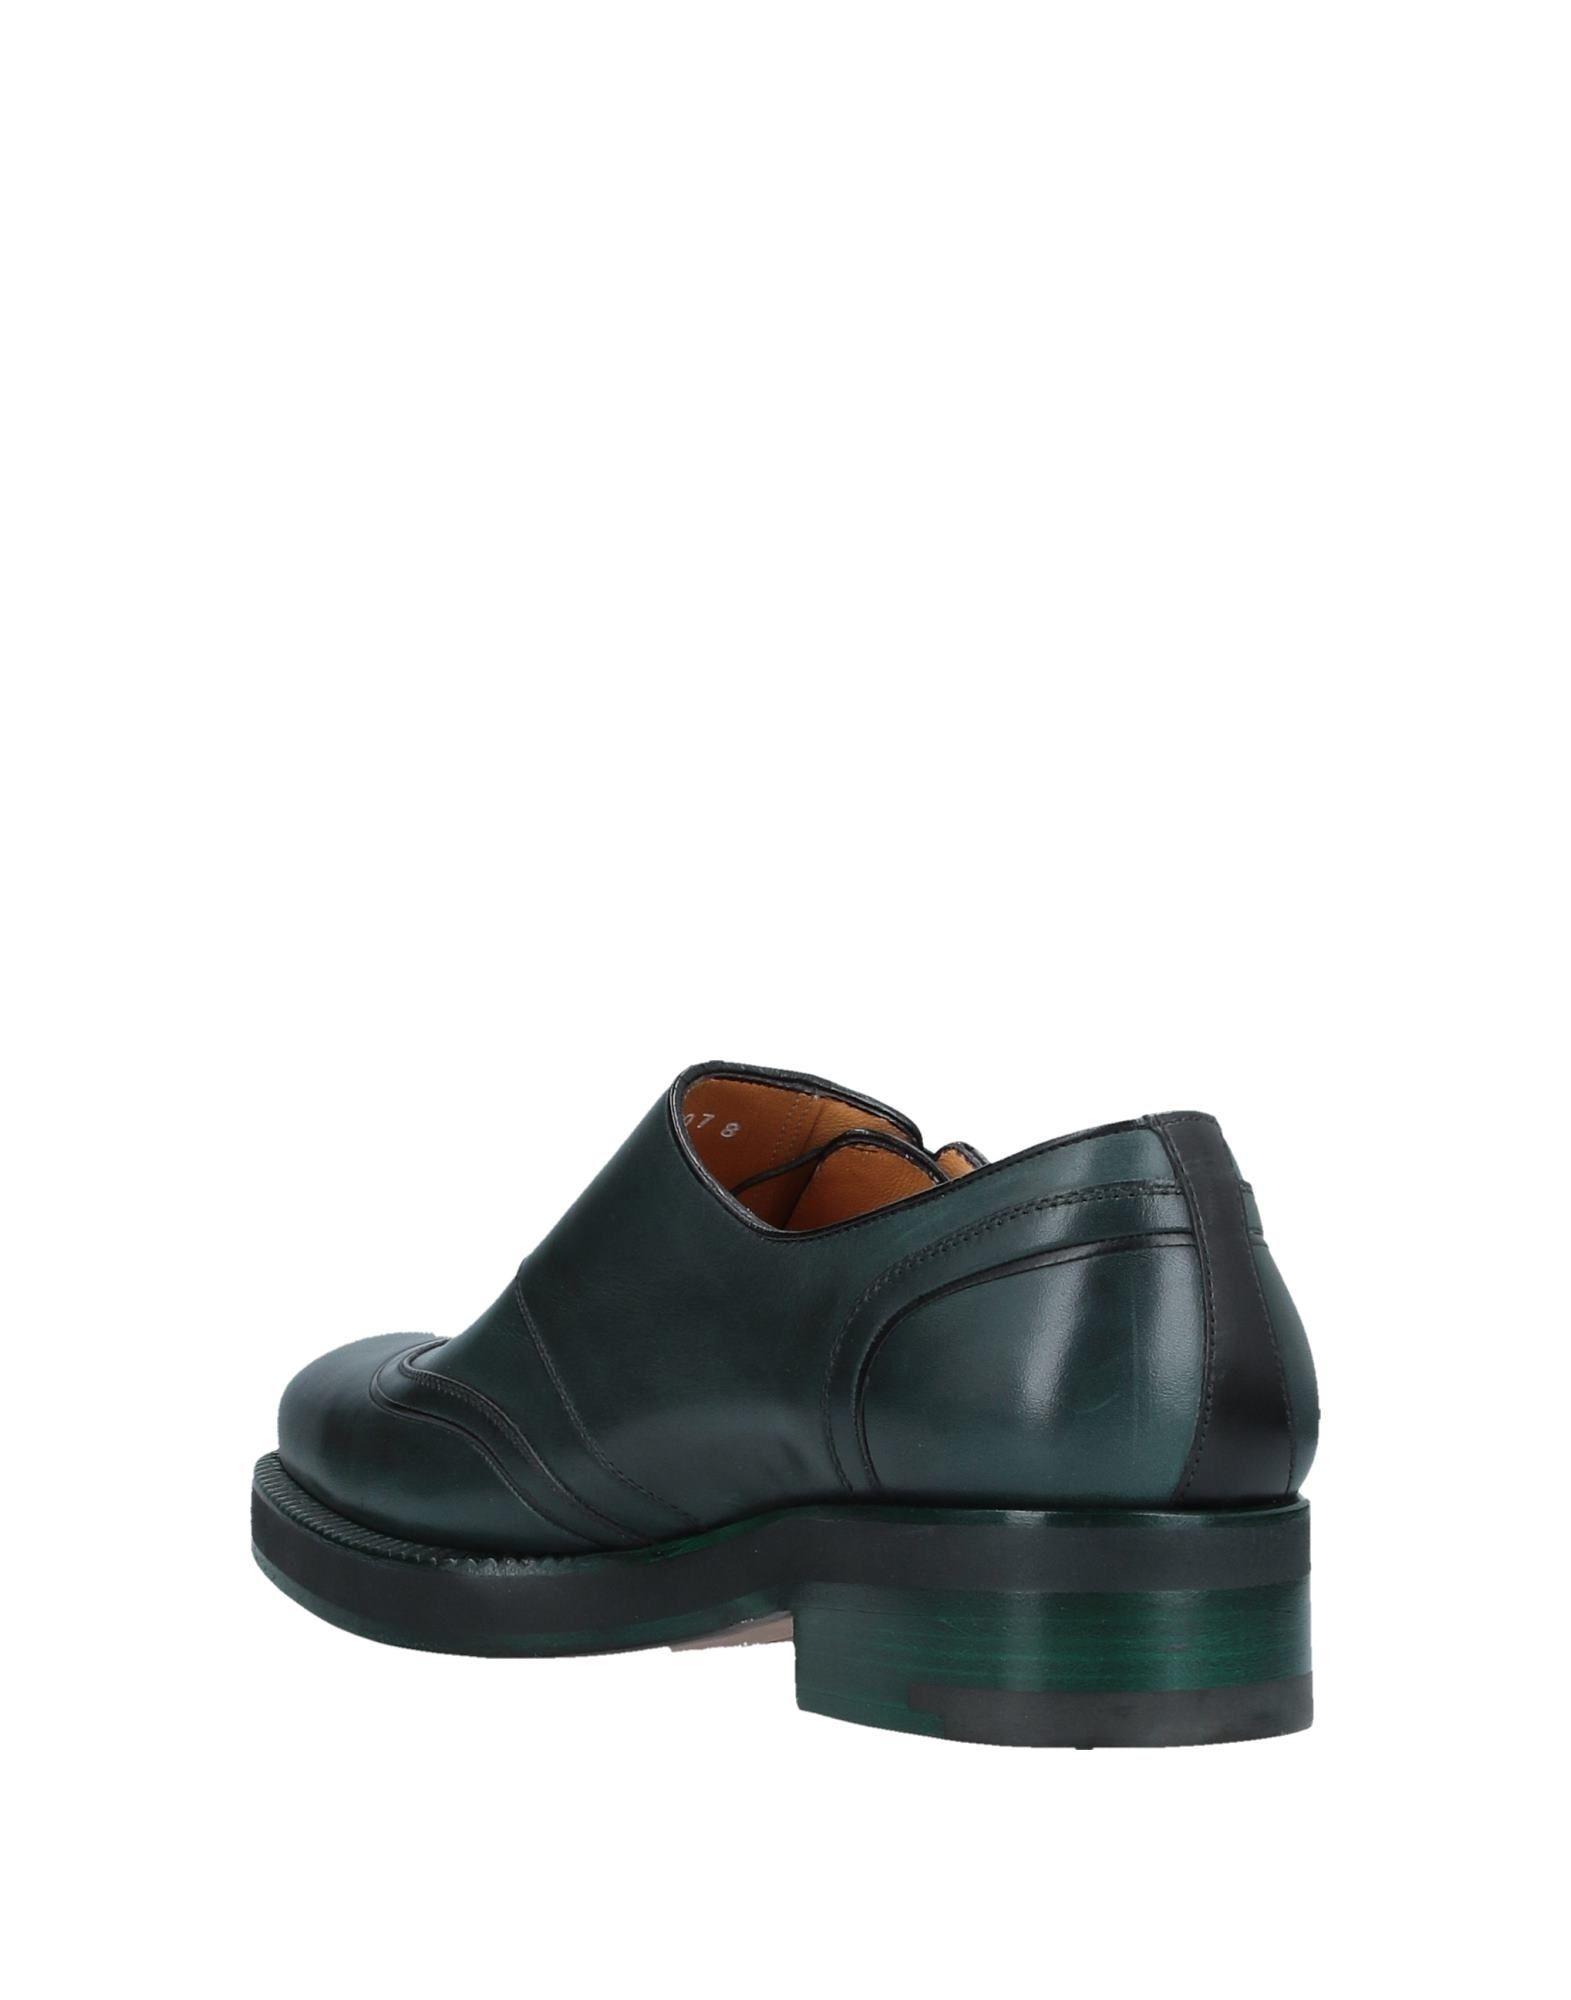 Zapatos de cordones A.Testoni de hombre